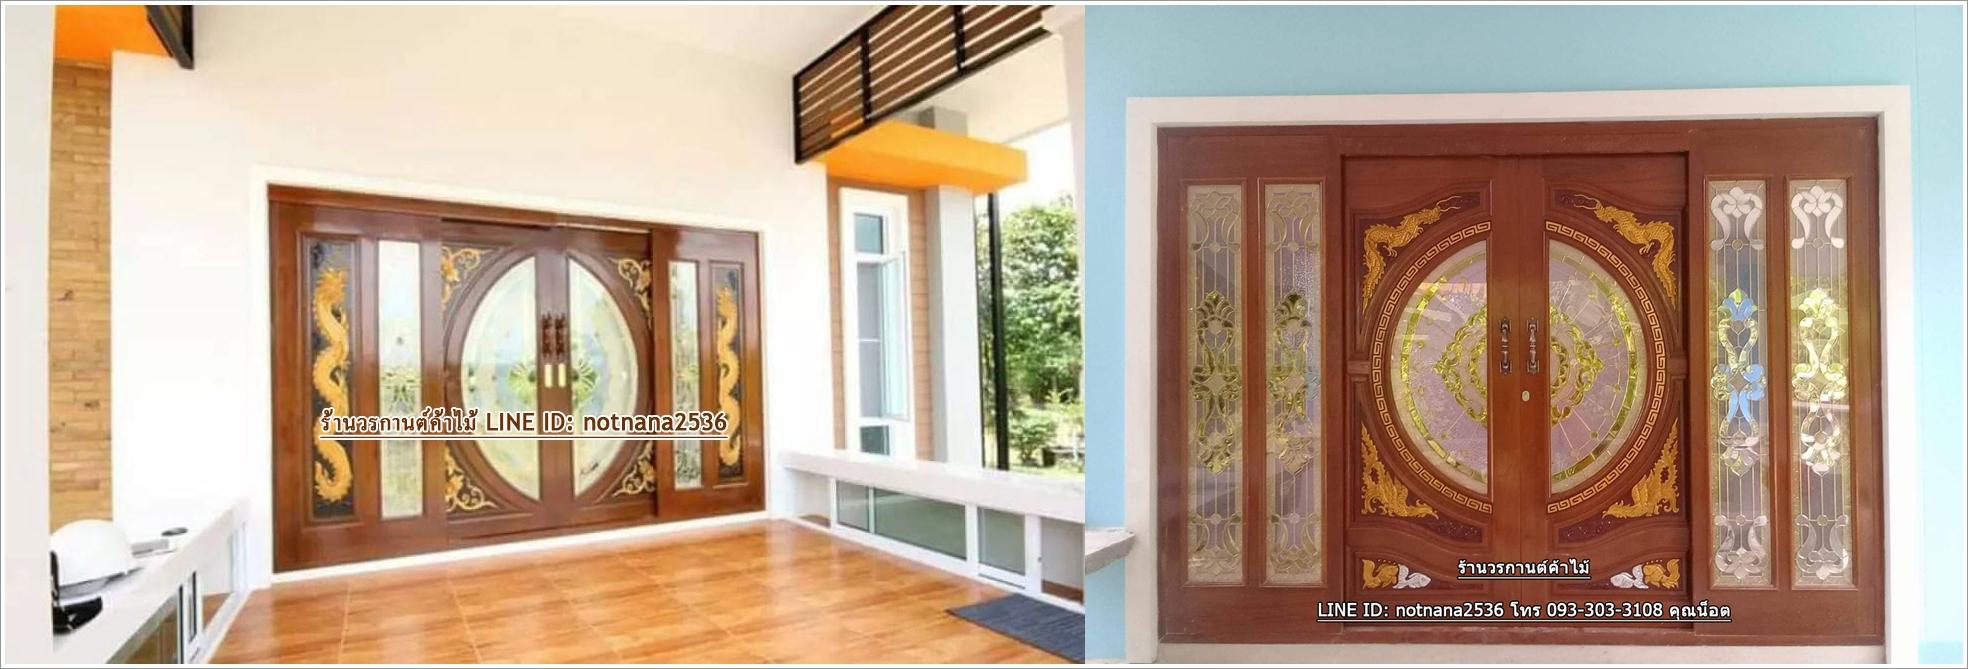 ประตูไม้สักกระจกนิรภัย ทางร้านมี ประตูไม้สักกระจกนิรภัย แบบประตูบ้าน ให้ท่านเลือกมากมาย ประตบานเลื่อน ประตูไม้สักกระจกนิรภัย บานเปิด-ปิด ราคาจะขึ้นอยู่กับไม้สักของแต่ละเกรด 1 เกรด A คือไม้สักเรือนเก่า,ไม้สักเก่า 2 .B+,B คือ ไม้สักอบแห้งคัดพิเศษ ( ไม้สักออป. ) จำหน่าย ประตูไม้สักกระจกนิรภัย ราคาโรงงาน จังหวัดแพร่ ผลิตโดยช่างฝีมืออาชีพ สินค้าทุกชิ้นมีคุณภาพเพราะทางร้านเราใช้ไม้เกรดคุณภาพ ในการผลิตประตูทุกบาน ลูกค้าจึงมั่นใจได้ว่าจะได้รับสินค้าที่ดีที่สุดจากร้านเราอย่างแน่นอน - ประตูไม้สัก มีขนาดมาตรฐาน 3 ขนาด คือ 80x200 , 90x200 , 100x200 หรือตามที่ลูกค้ากำหนด ความหนาของประตู 1.5 นิ้ว